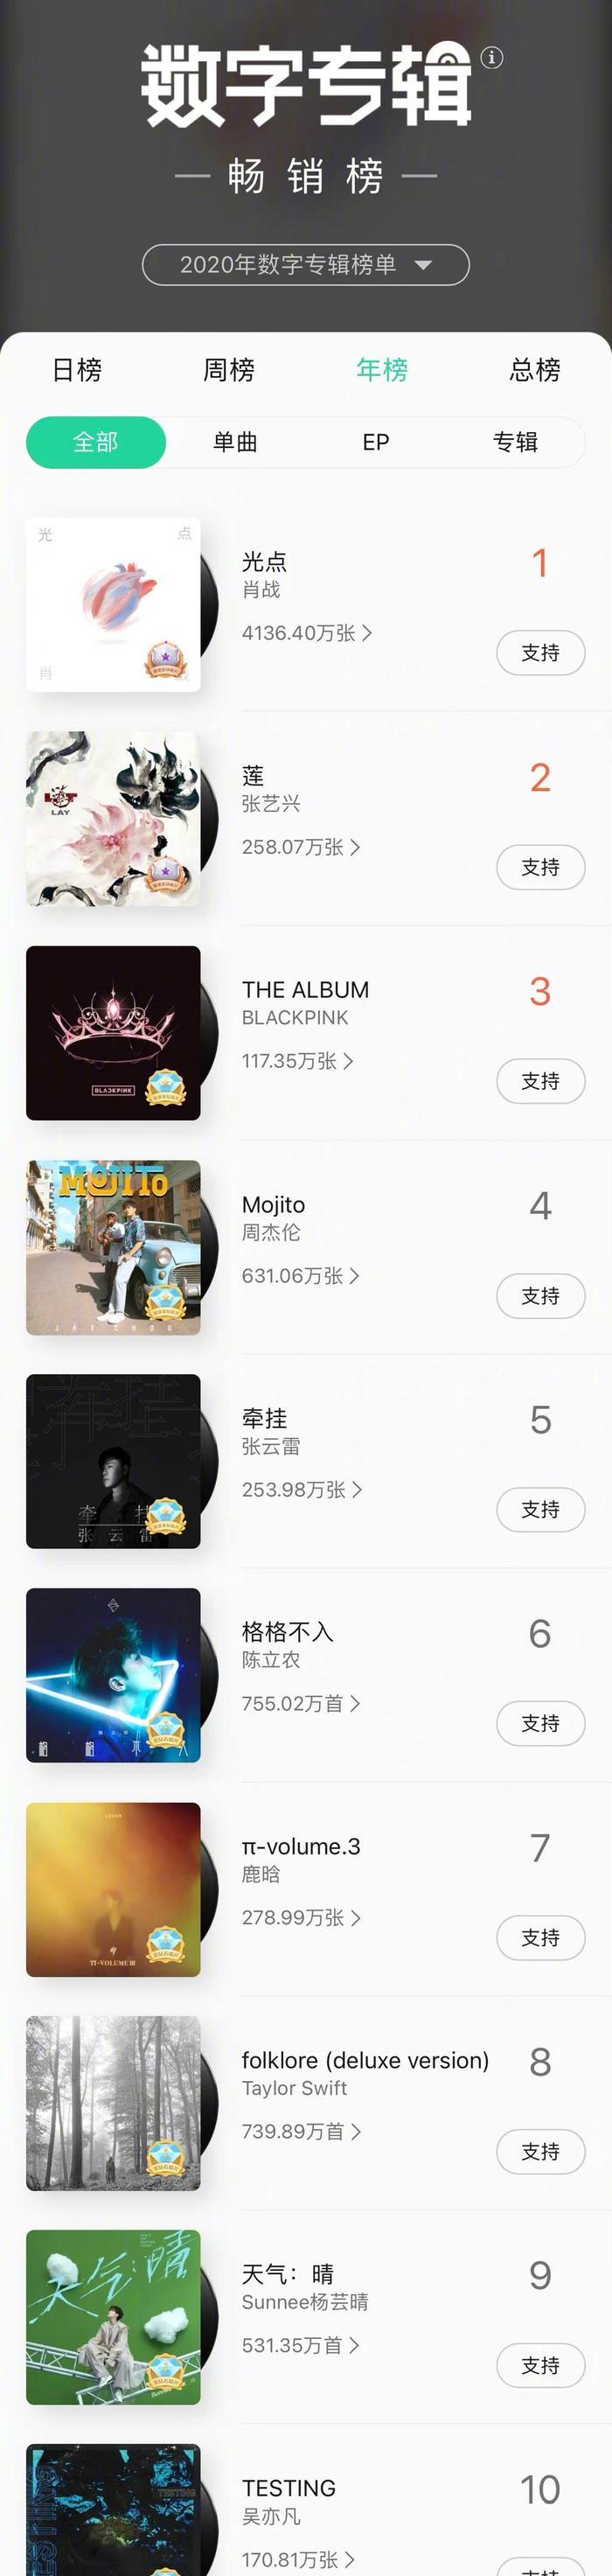 Tiêu Chiến đánh bại cả Châu Kiệt Luân khi có lượng album bán chạy nhất năm 2020 Ảnh 2